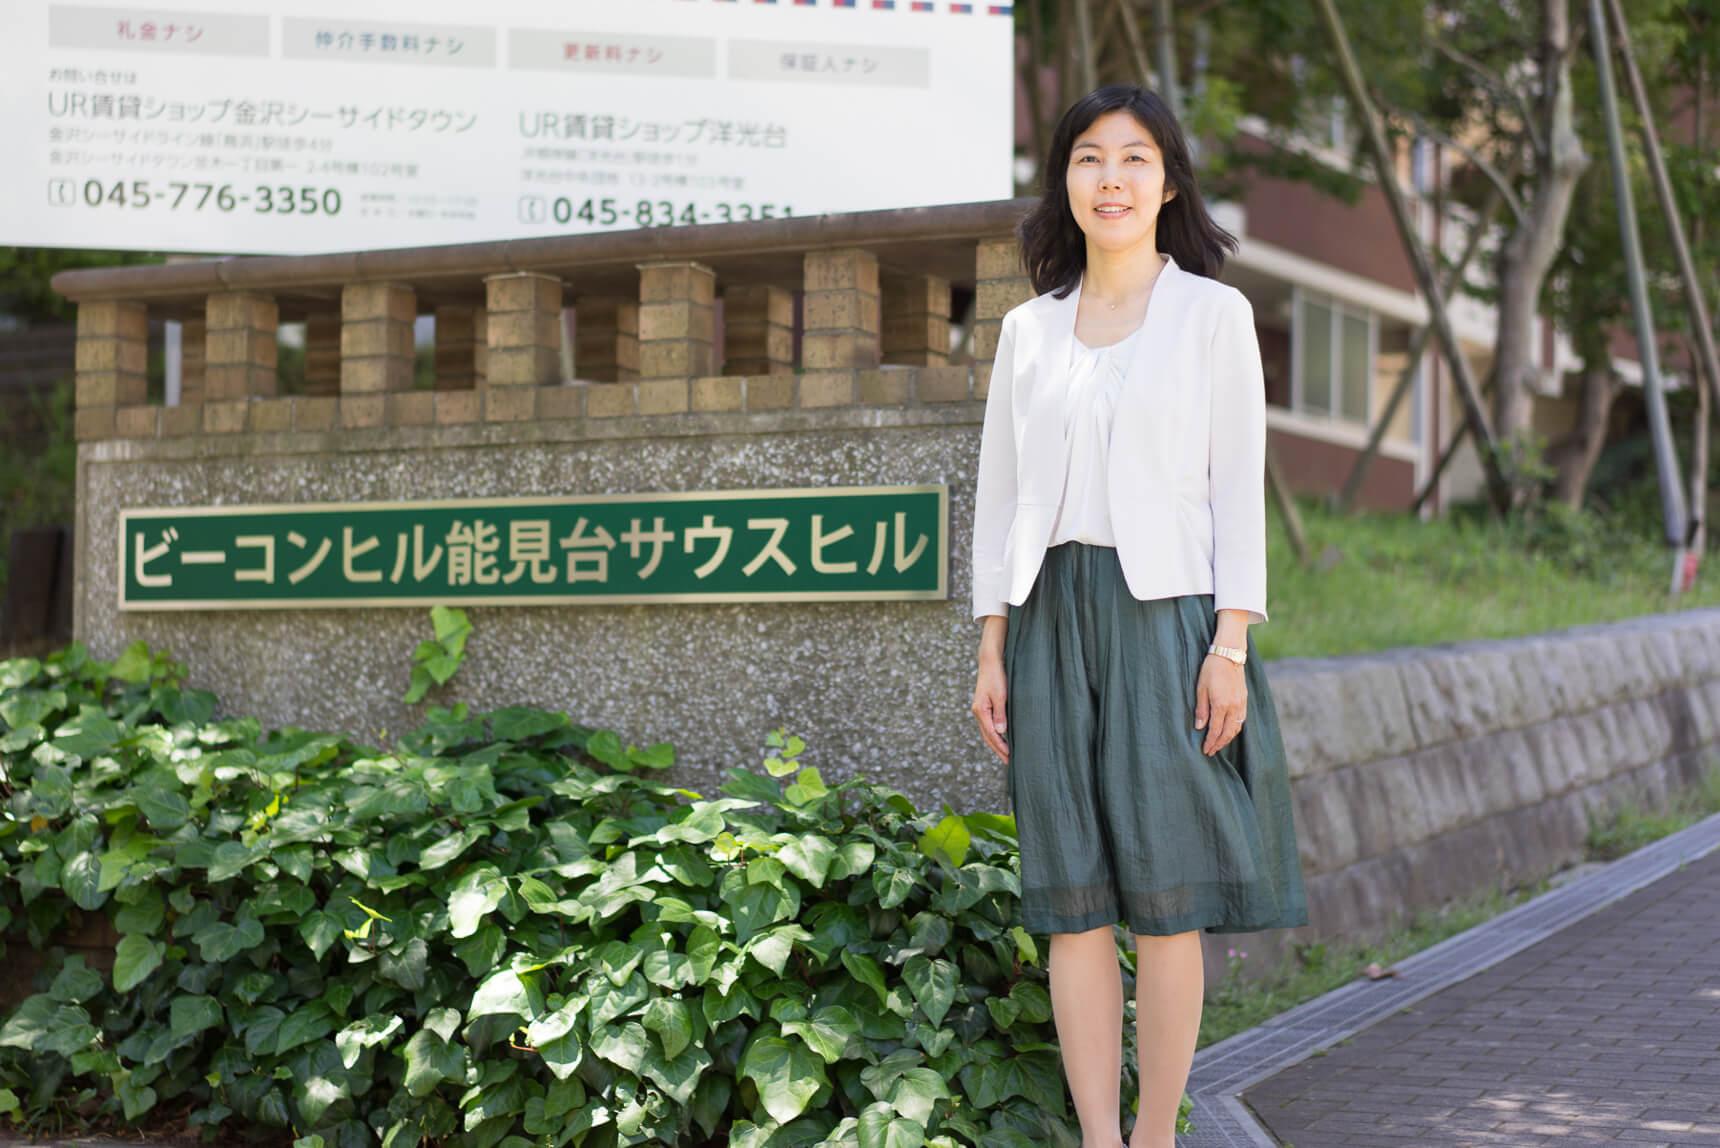 案内してくださったのは、UR都市機構 神奈川エリアご担当の加藤綾子さん。